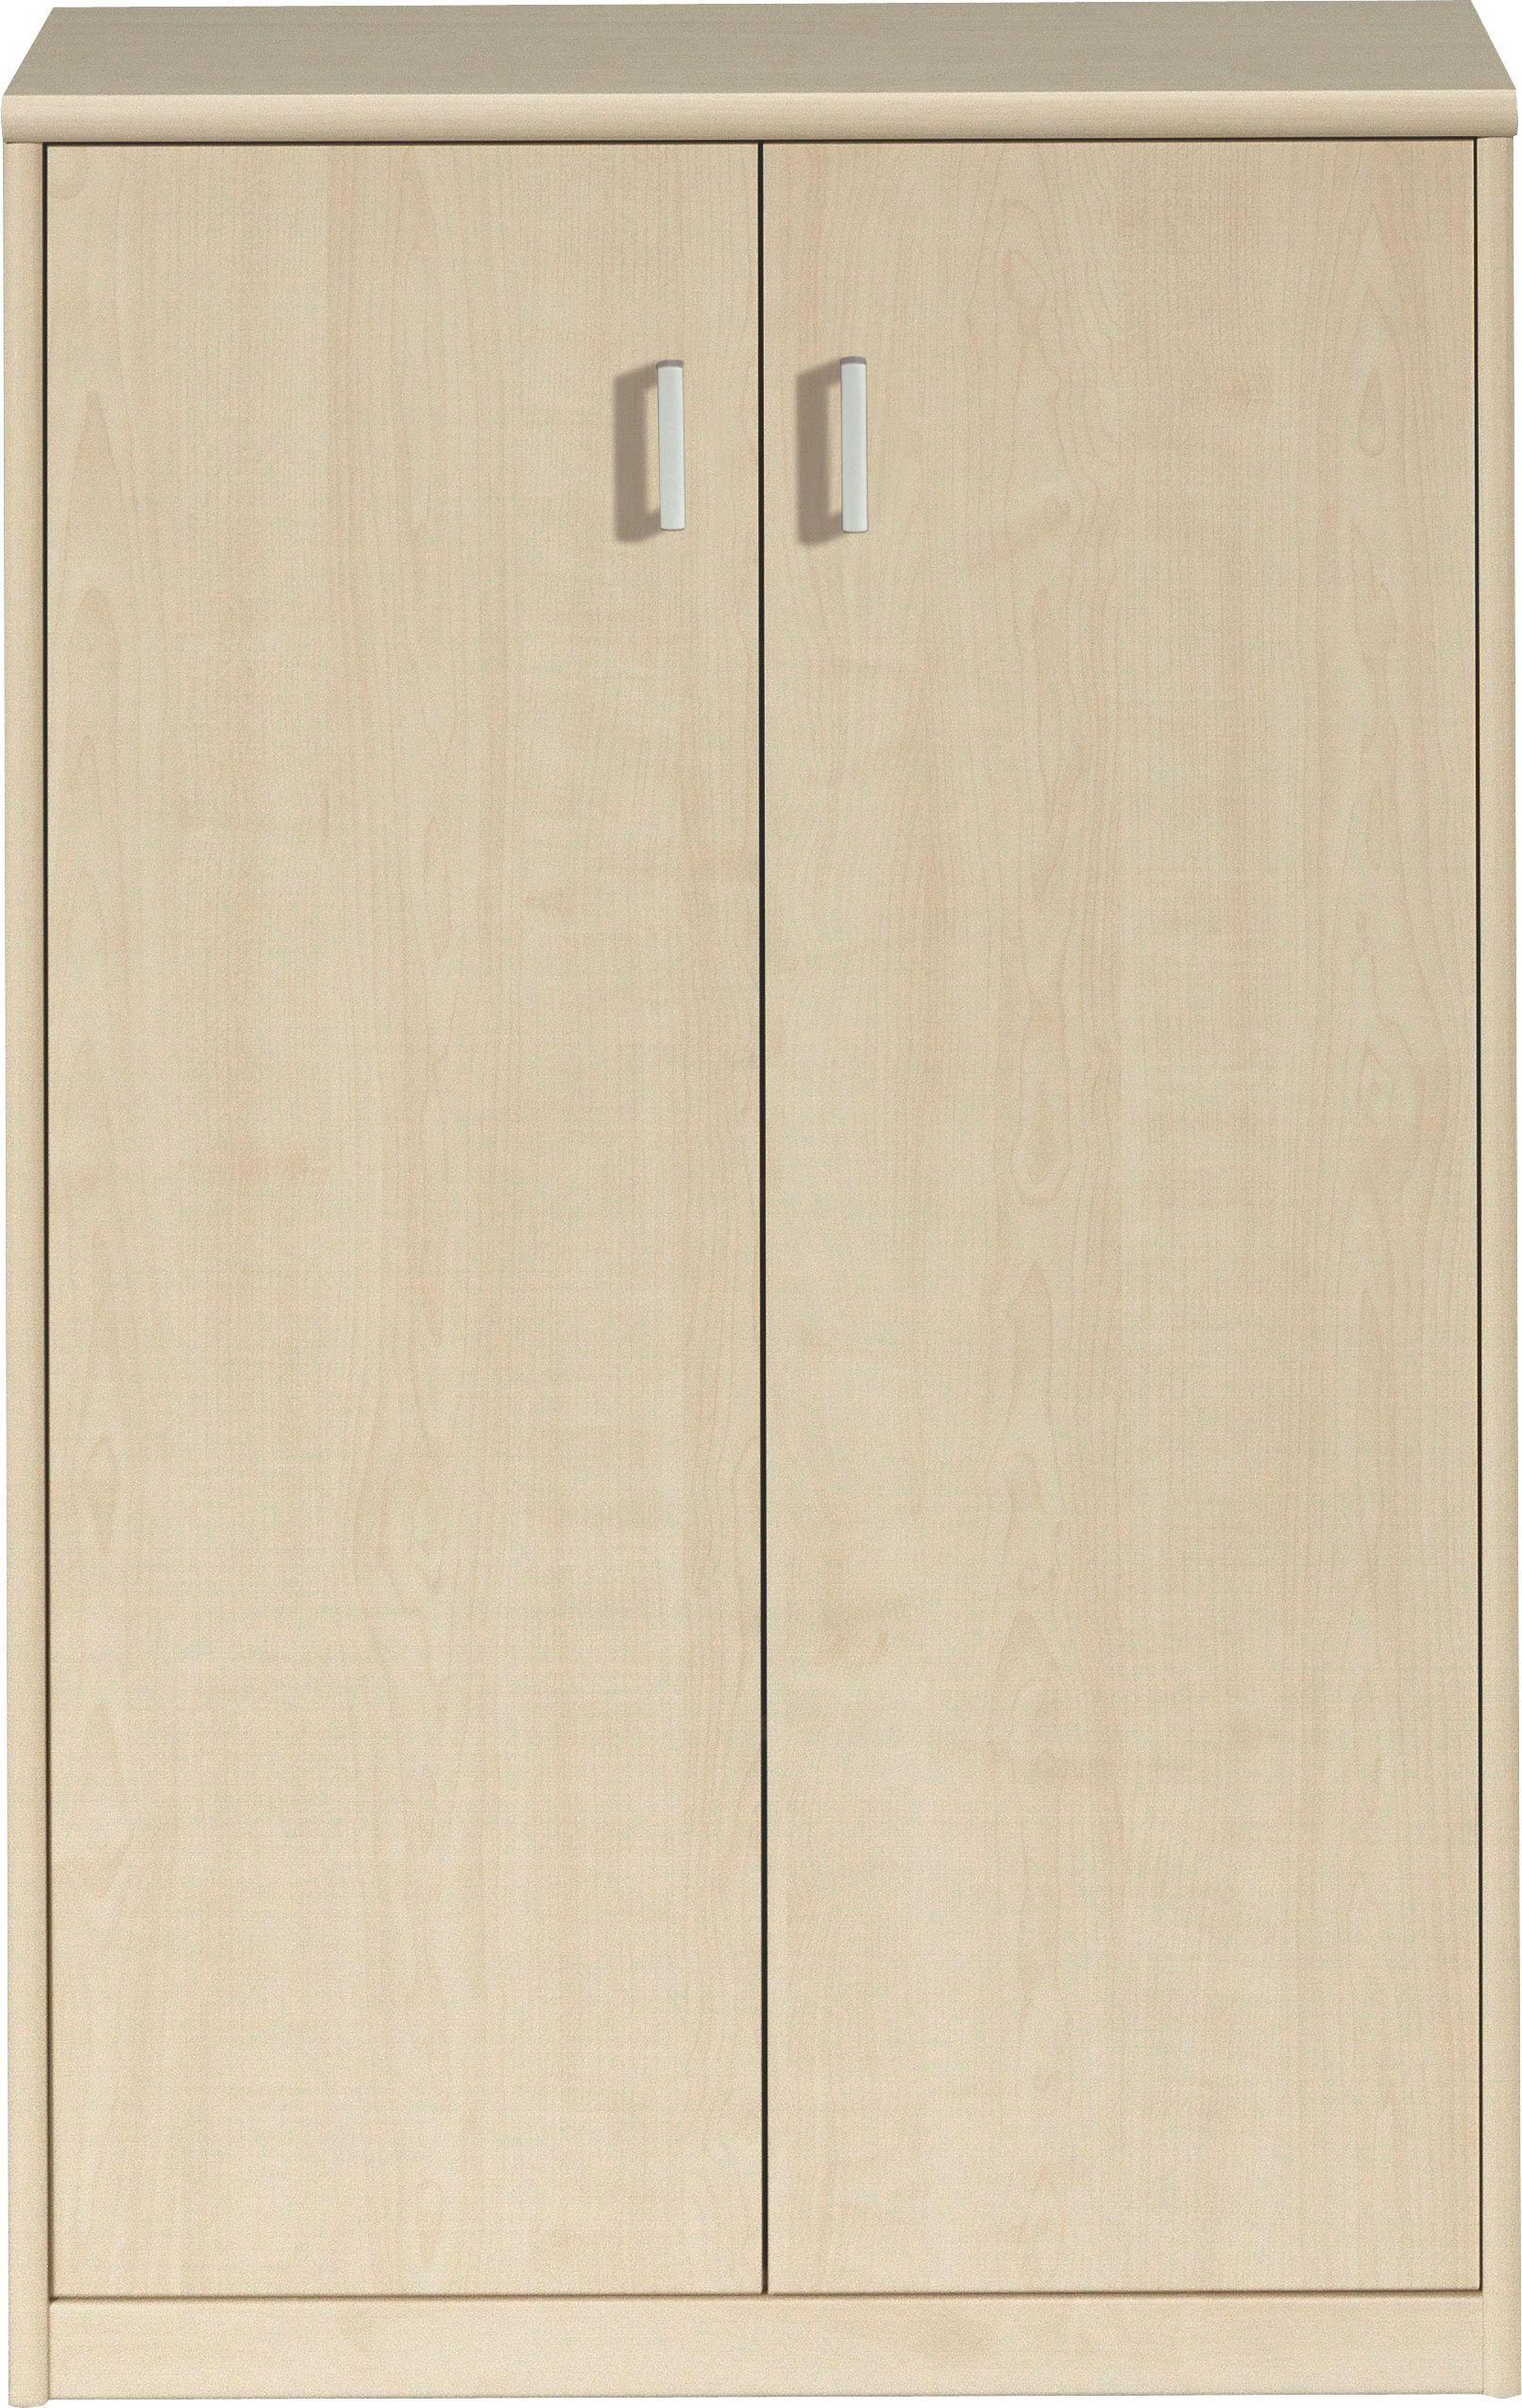 KOMMODE in Ahornfarben - Silberfarben/Ahornfarben, KONVENTIONELL, Holzwerkstoff/Kunststoff (72/110/36cm) - CS SCHMAL